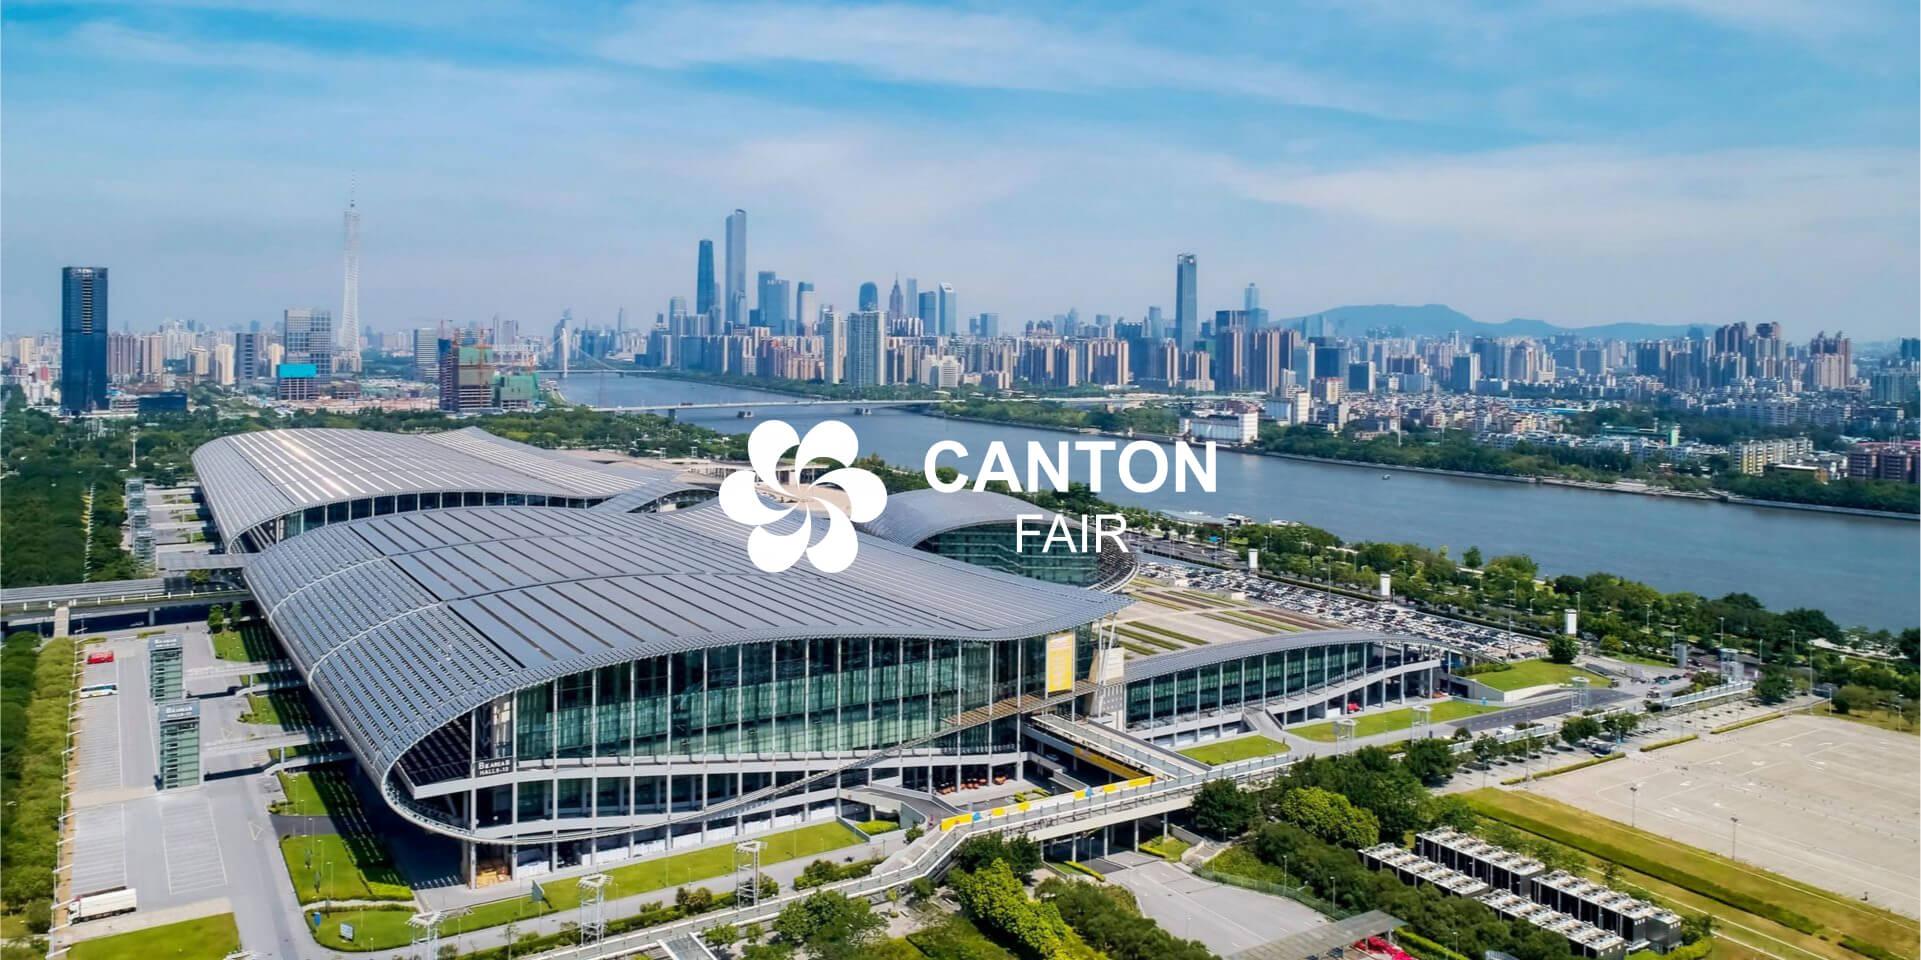 iran-china-chamber-canton-fair